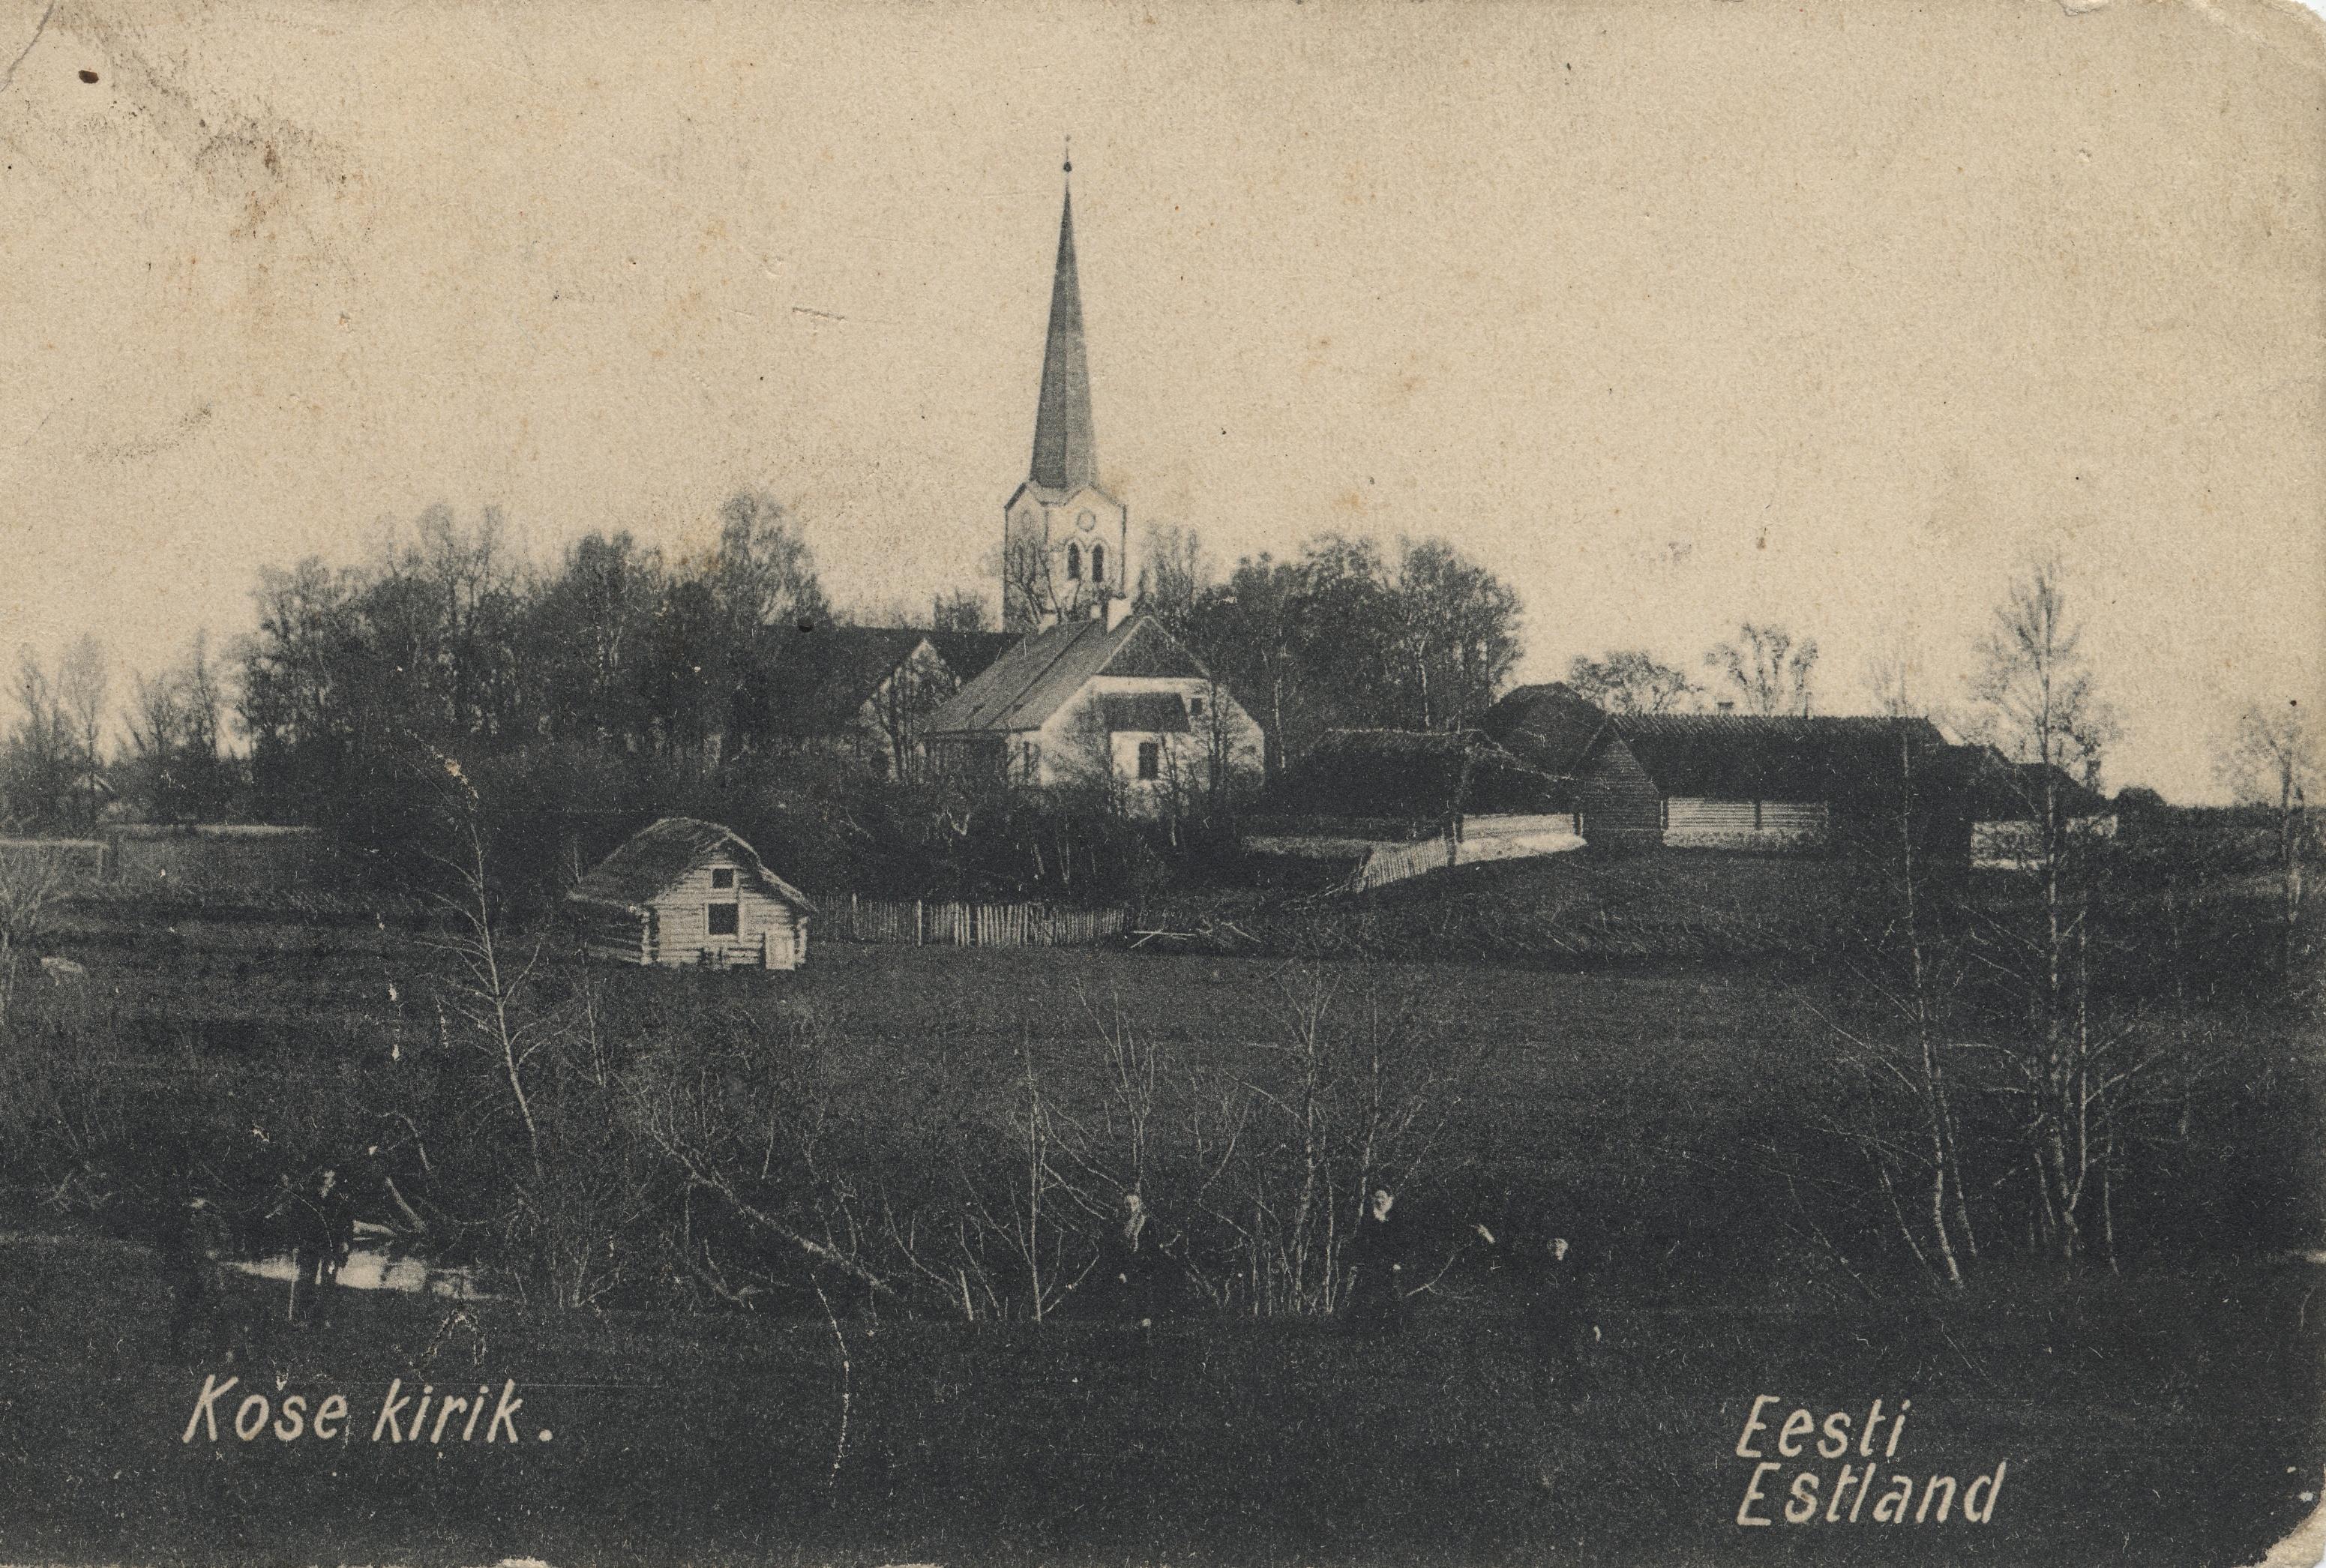 Окрестности Ревеля. Козе. Лютеранская церковь Святого Николая (1)